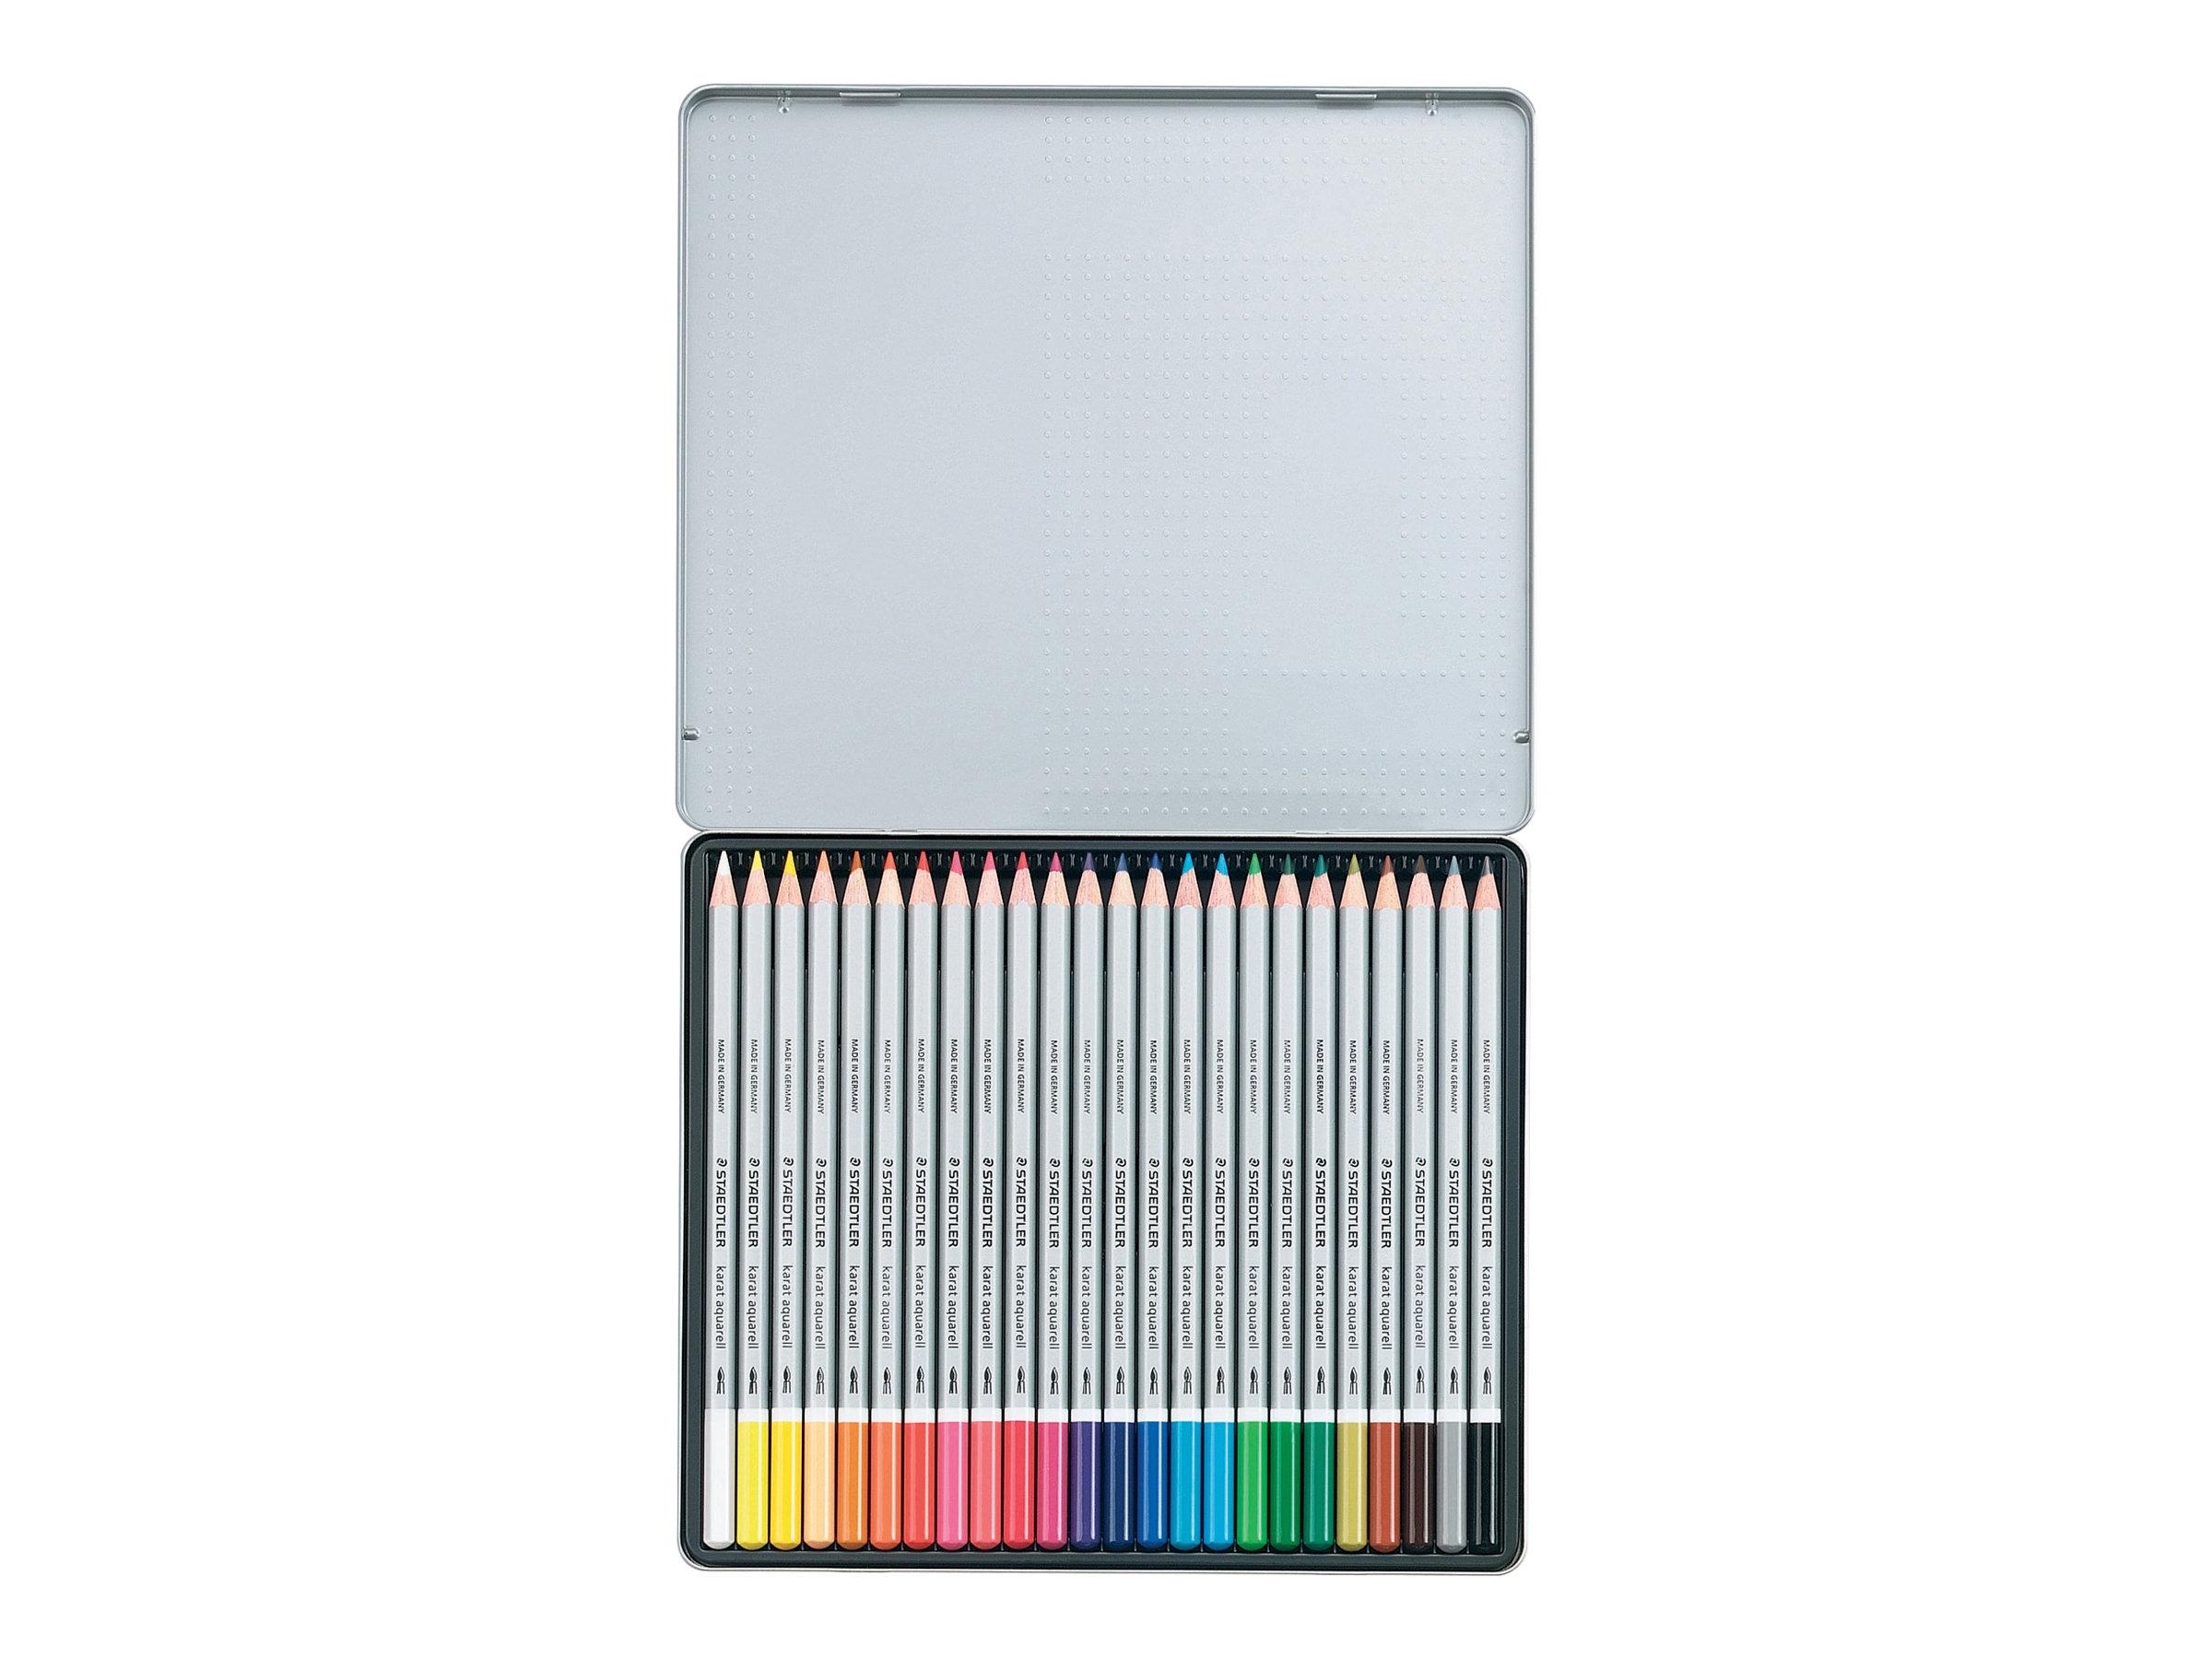 STAEDTLER karat aquarell 125 - Crayon de couleurs - couleurs assorties - 2 mm - disponible par 24 ou par 36